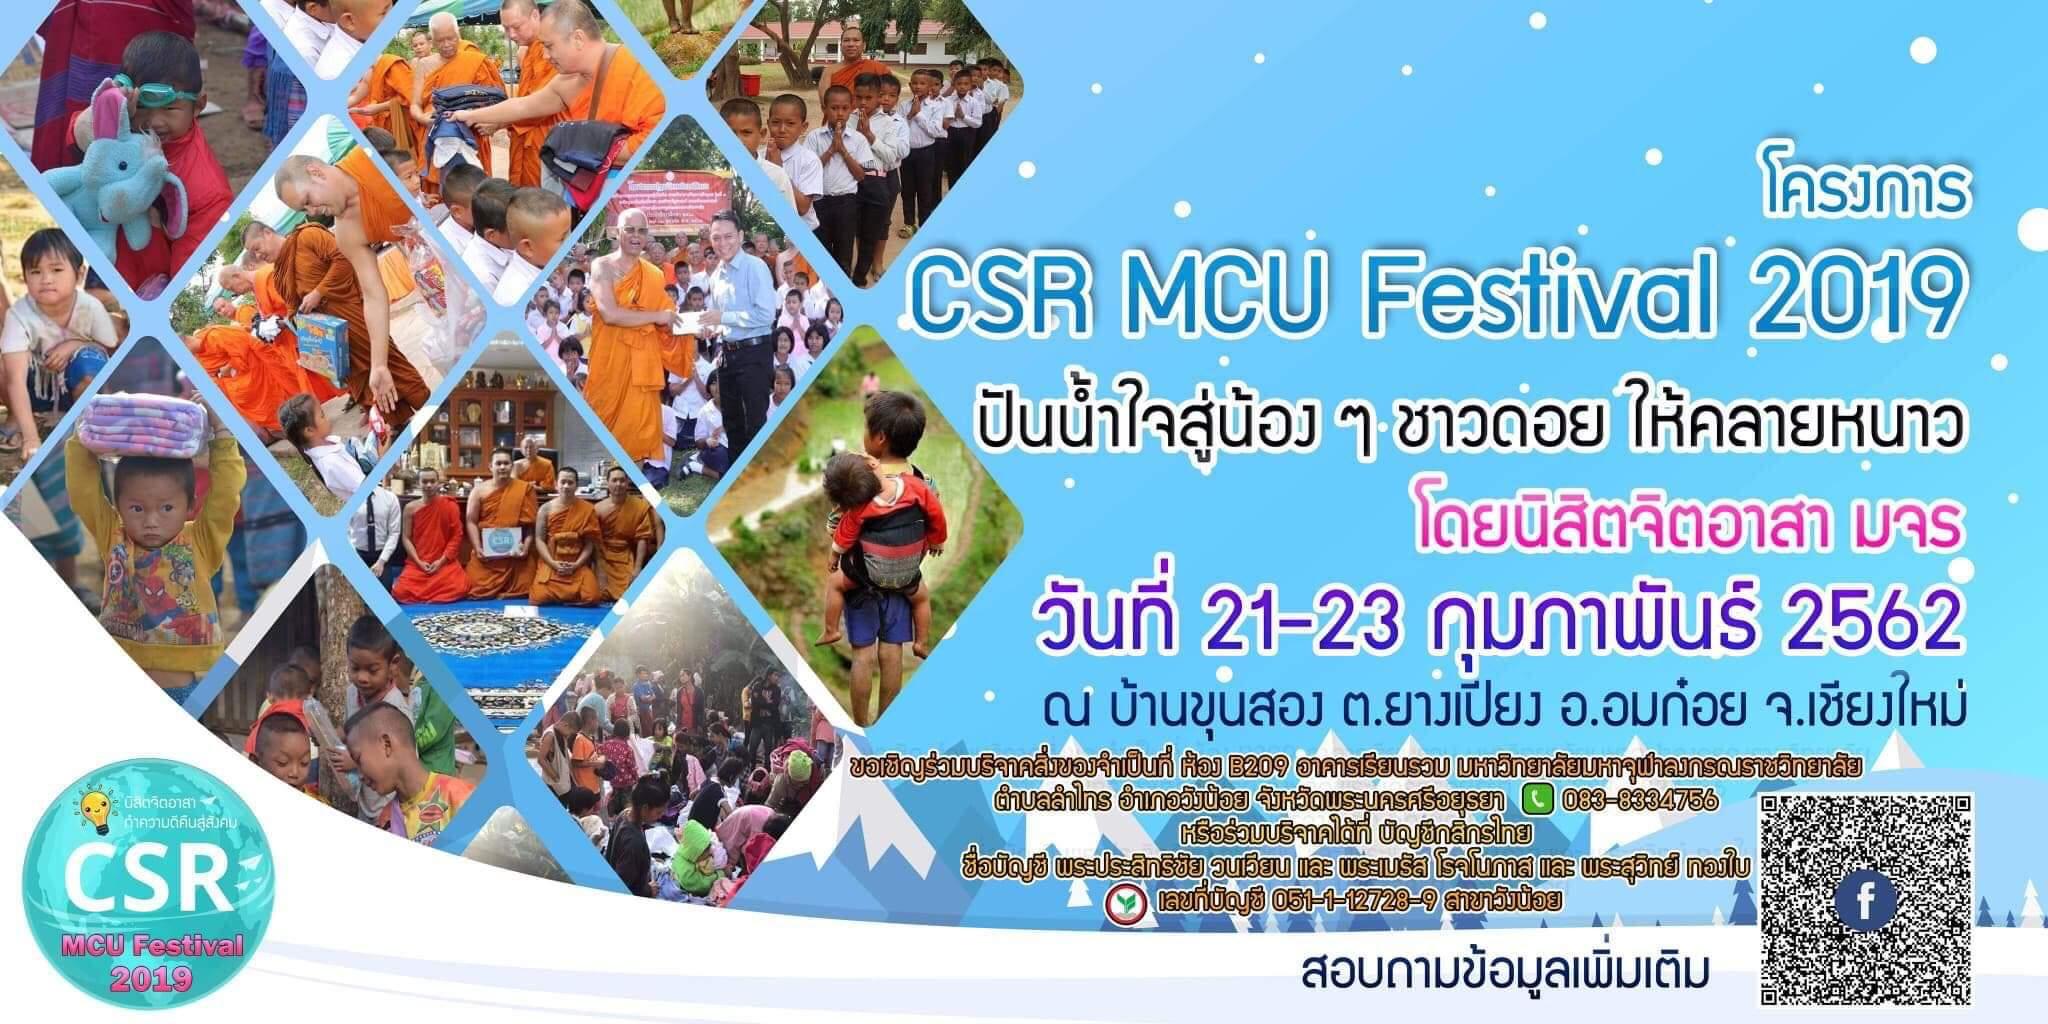 """""""CSR MCU Festival 2019"""" ปันน้ำใจให้น้องๆ ชาวดอยให้คลายหนาว โดยนิสิตจิตอาสาทำดีคืนสังคม"""